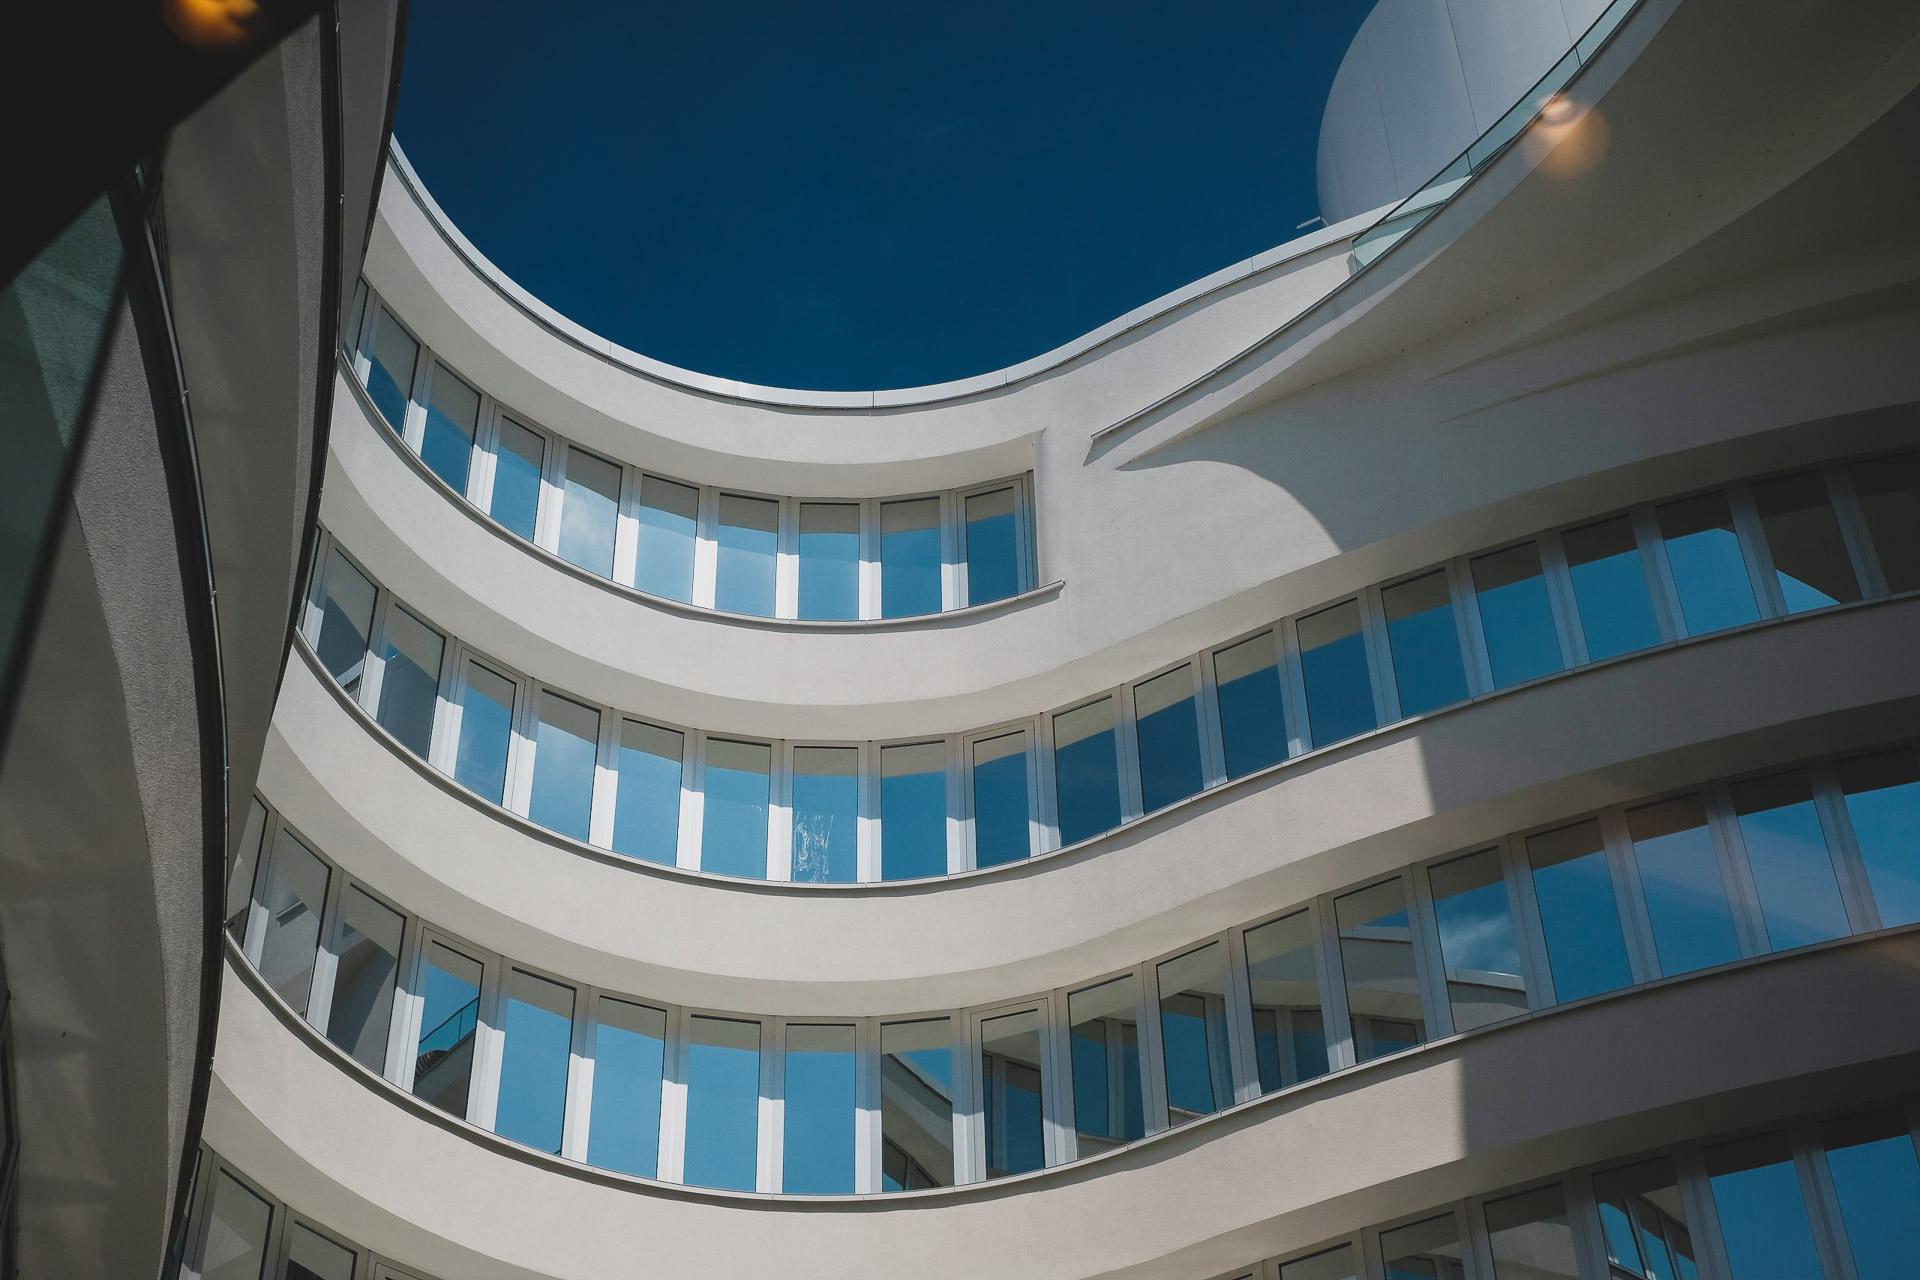 scheib-hochzeitsfotograf-hamburg-hotel-fontenay-4408